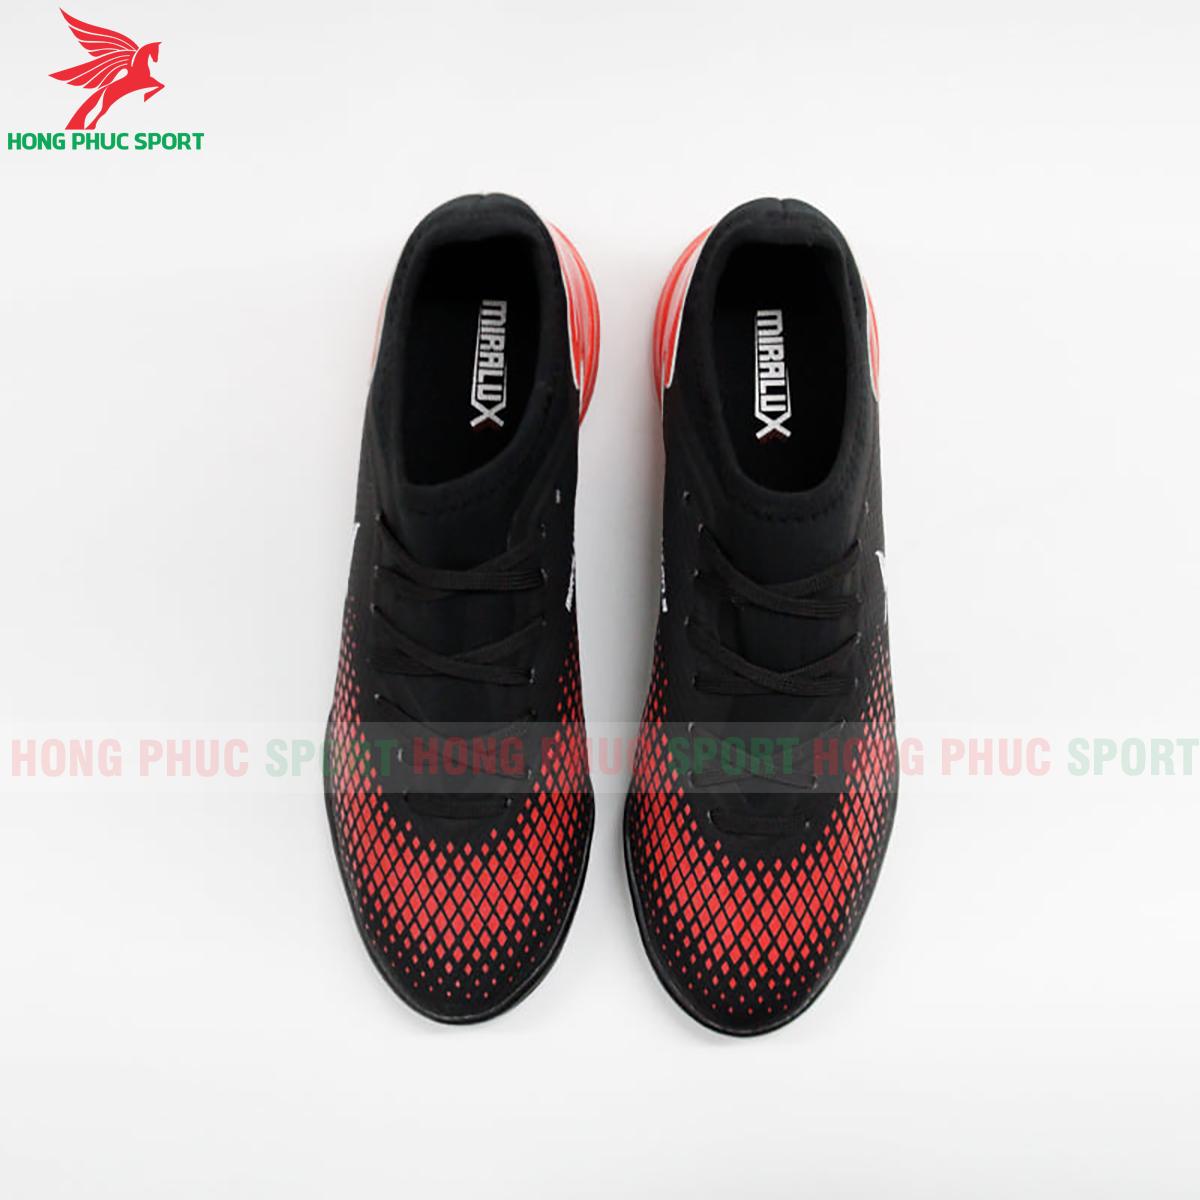 Giày Mira Lux 20.3 sân cỏ nhân tạo đen phối đỏ (trước)